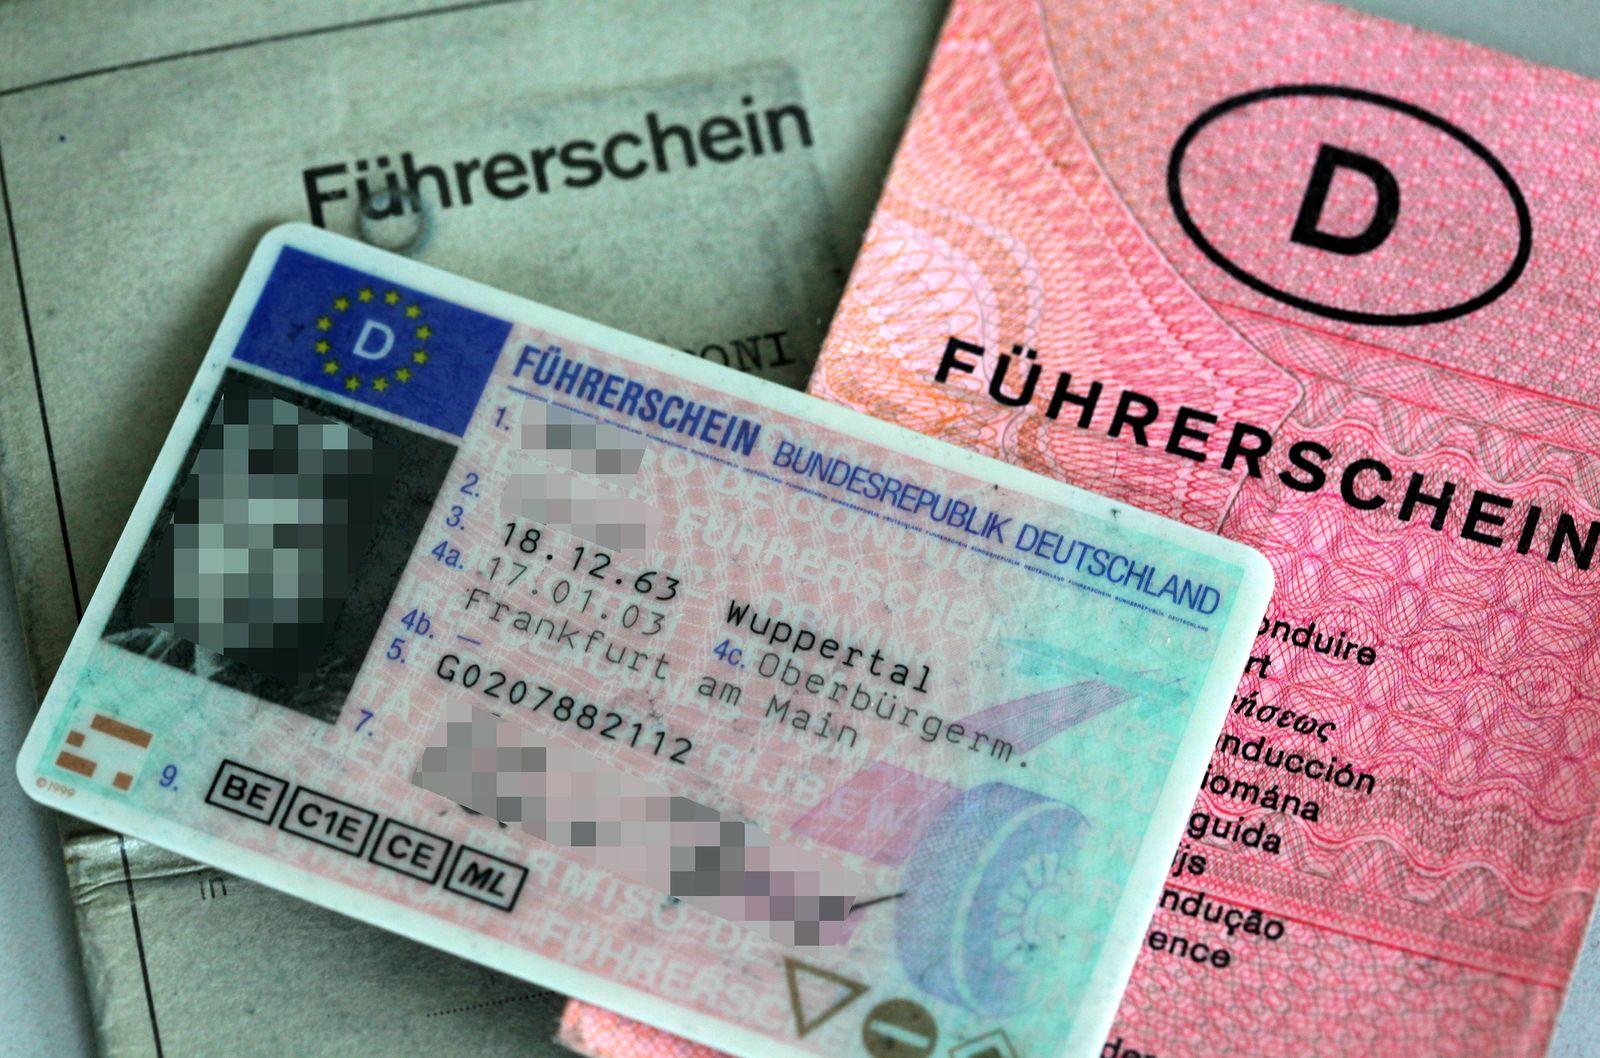 Führerschein / Führerscheine